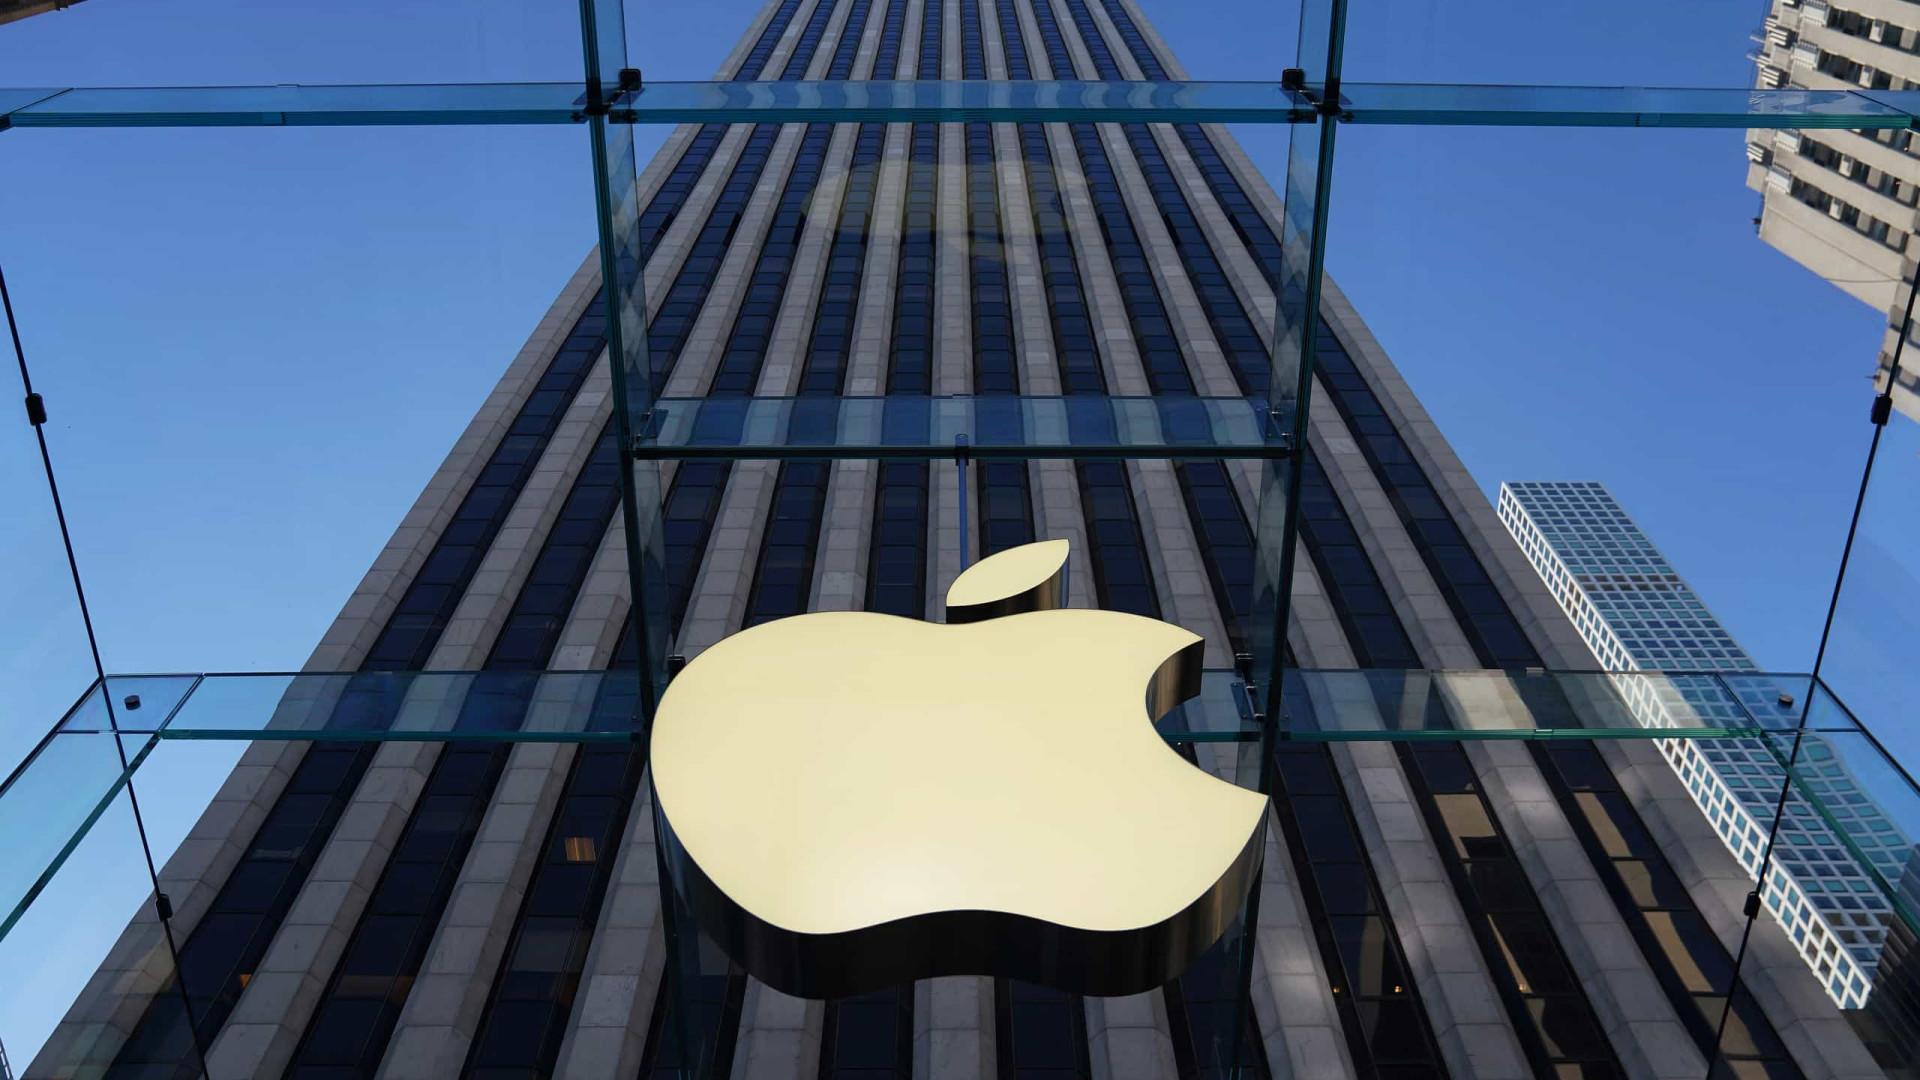 Insatisfeito com o iOS 13? Não se preocupe, a Apple lançou correções